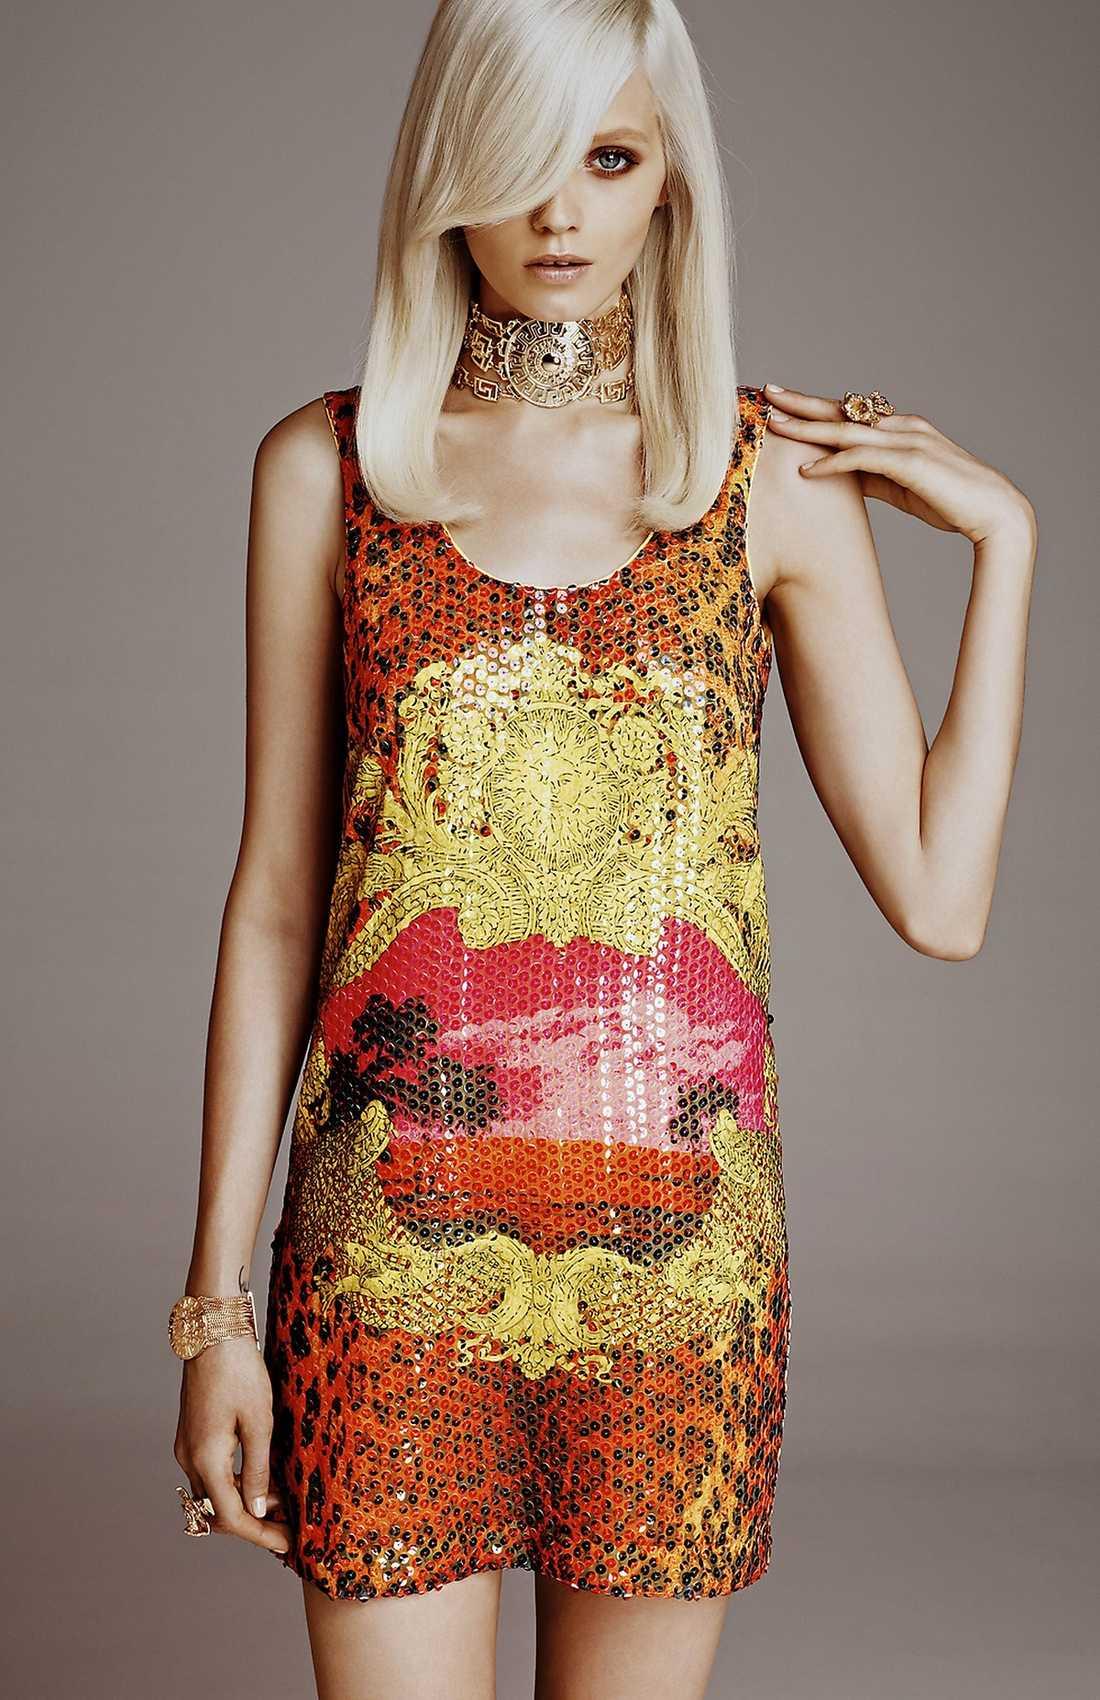 Den 17 november landar samarbetet mellan H&M och Versace i butik.